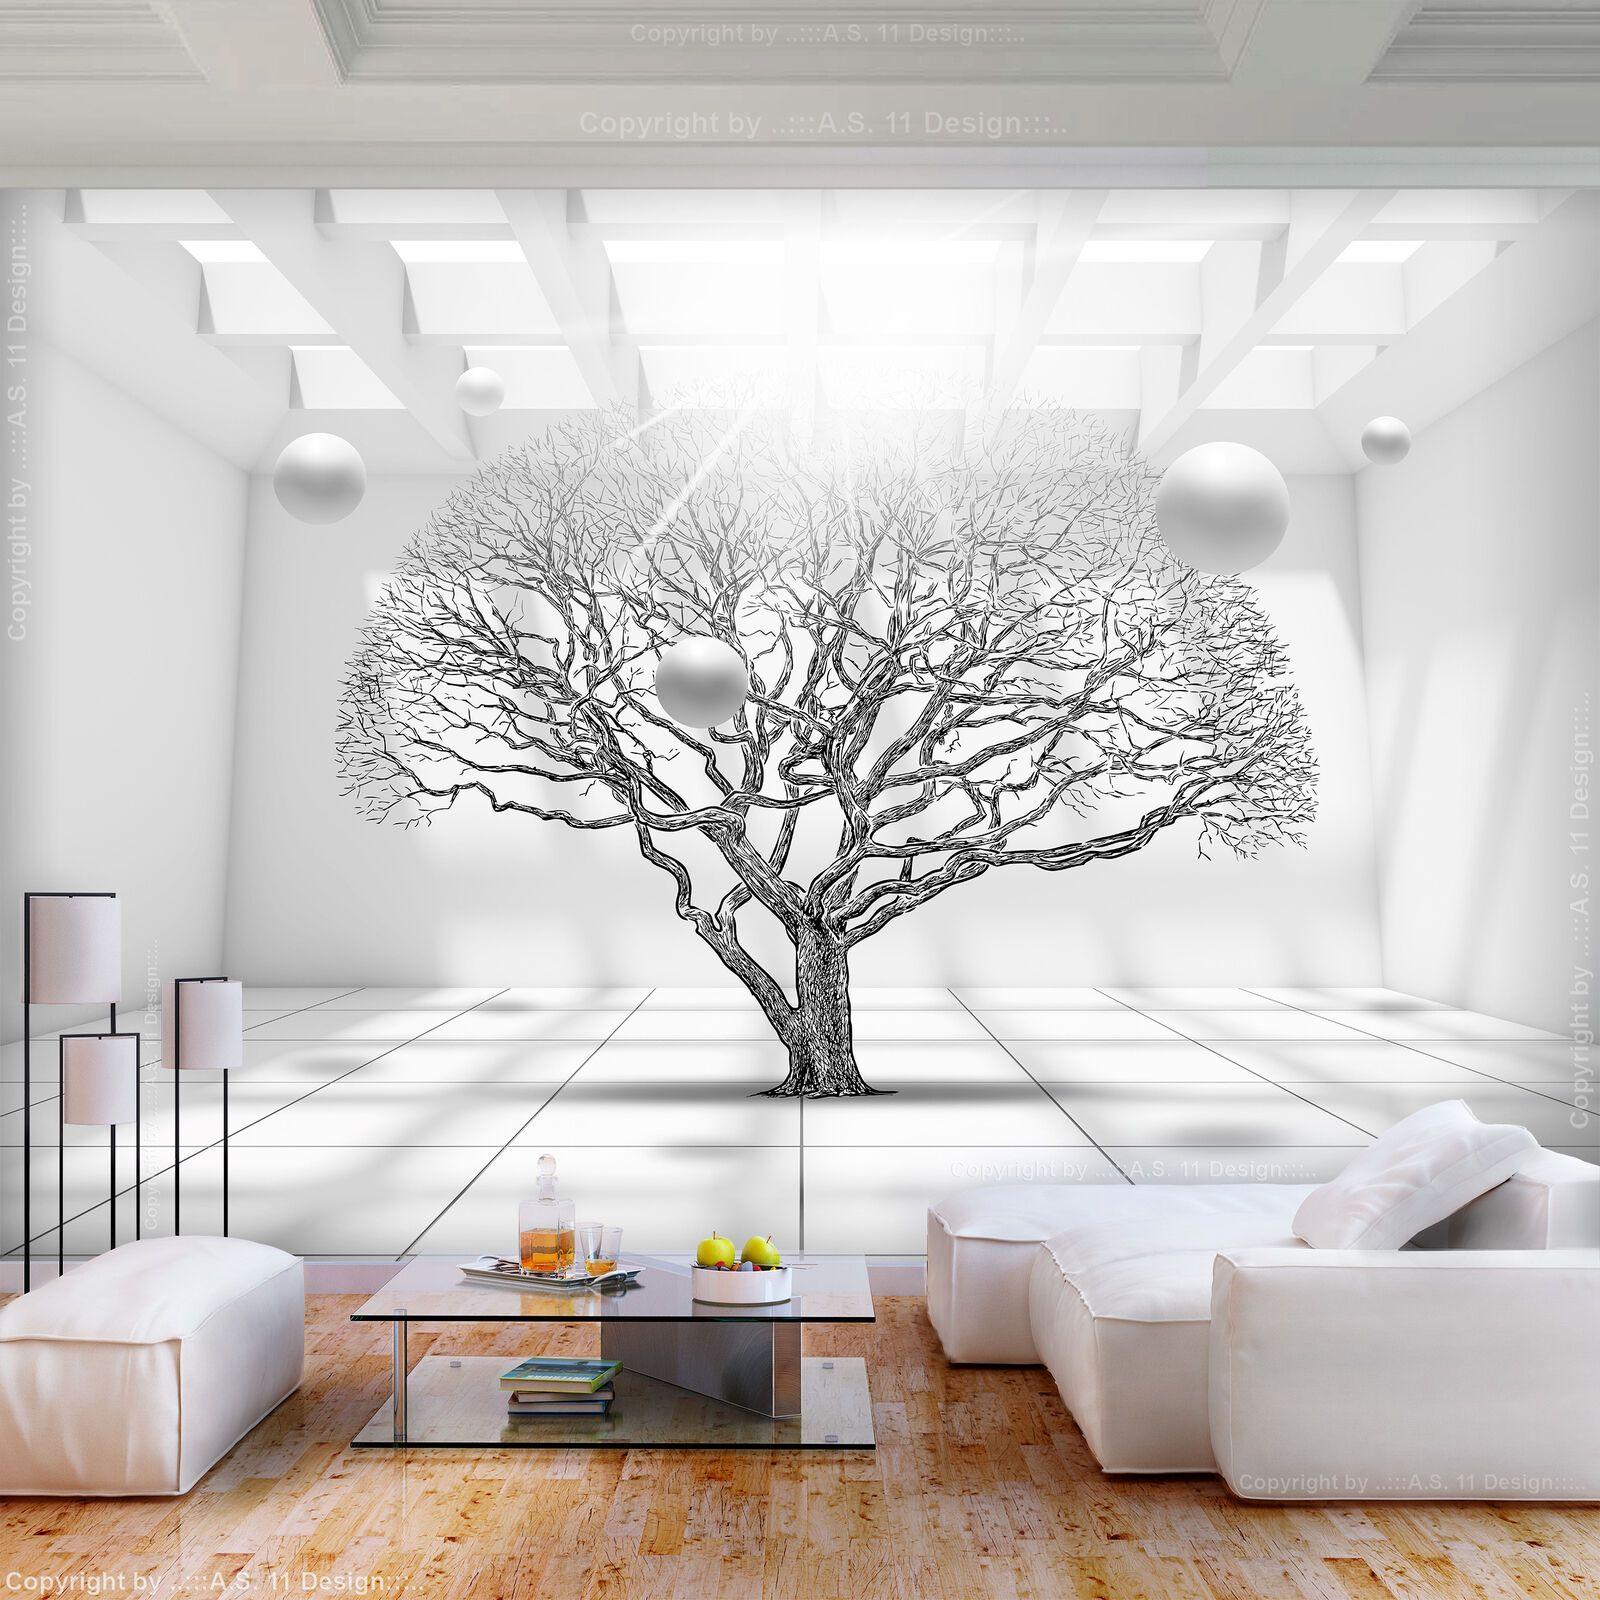 Vlies Fototapete Baum 3d Optik Kugeln Gross Tapete Wohnzimmer